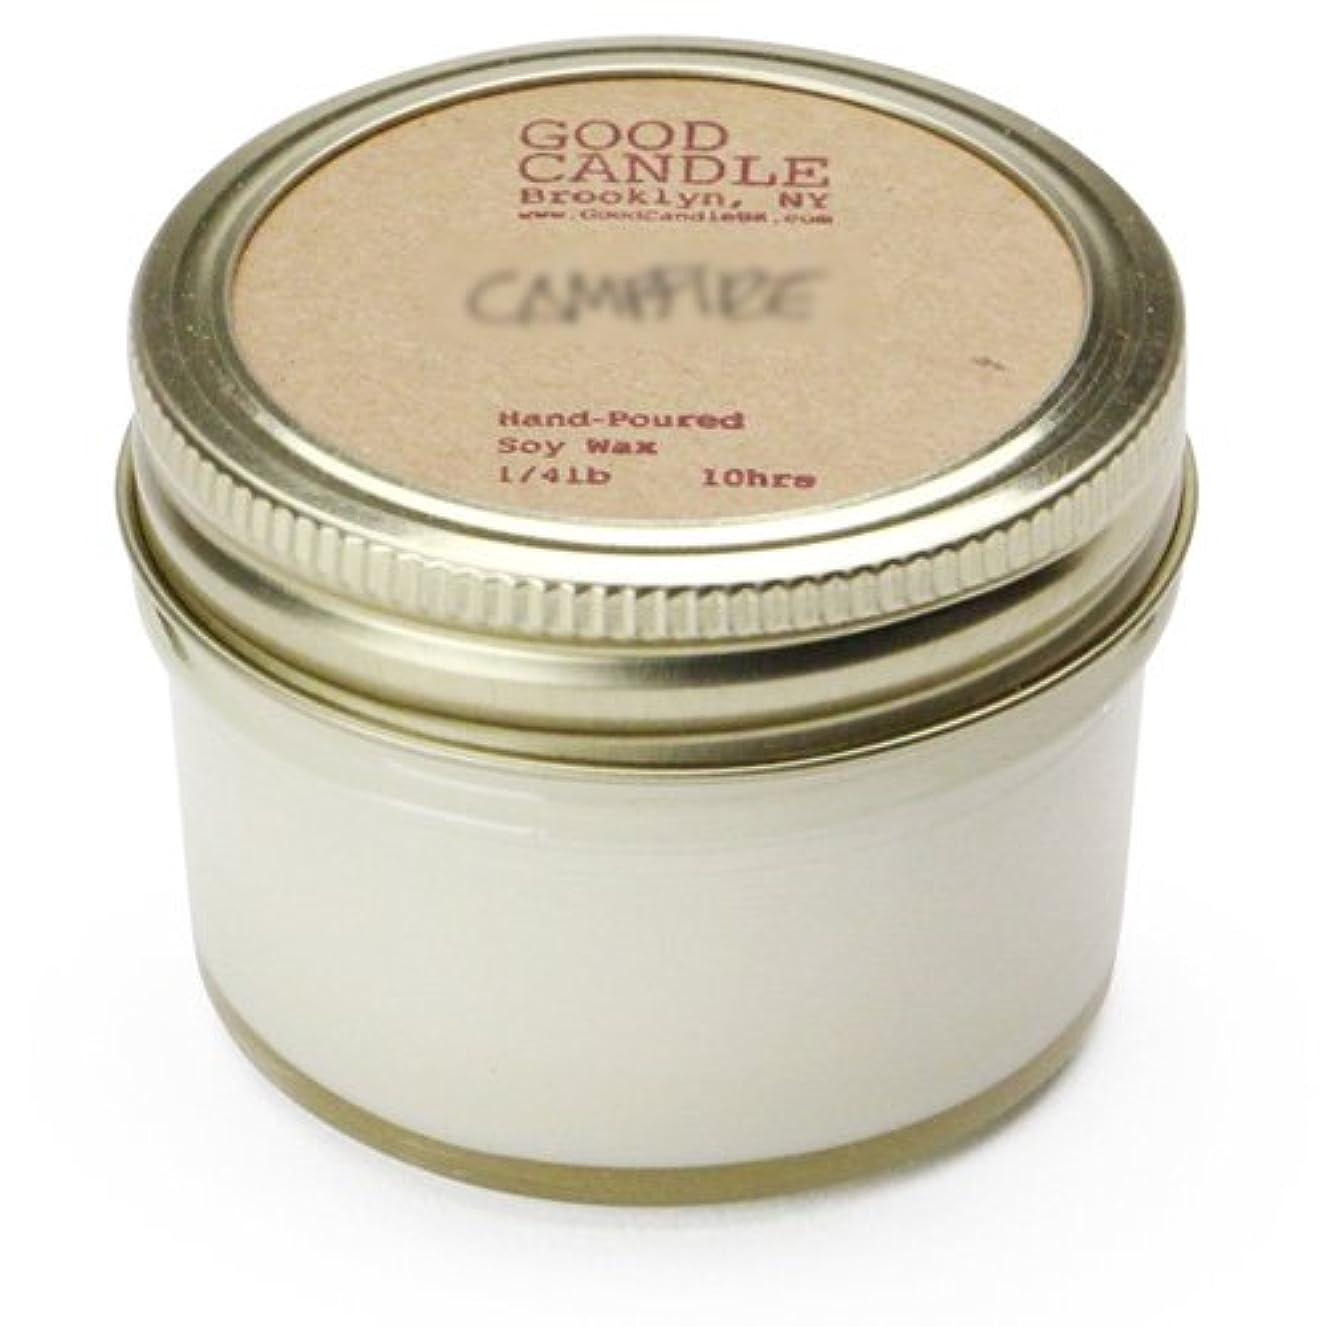 札入れ冒険家ヘロイングッドキャンドル 1/4ポンド ゼリージャー キャンドル Good Candle 1/4LB Jelly jar candle [ Basil ] 正規品